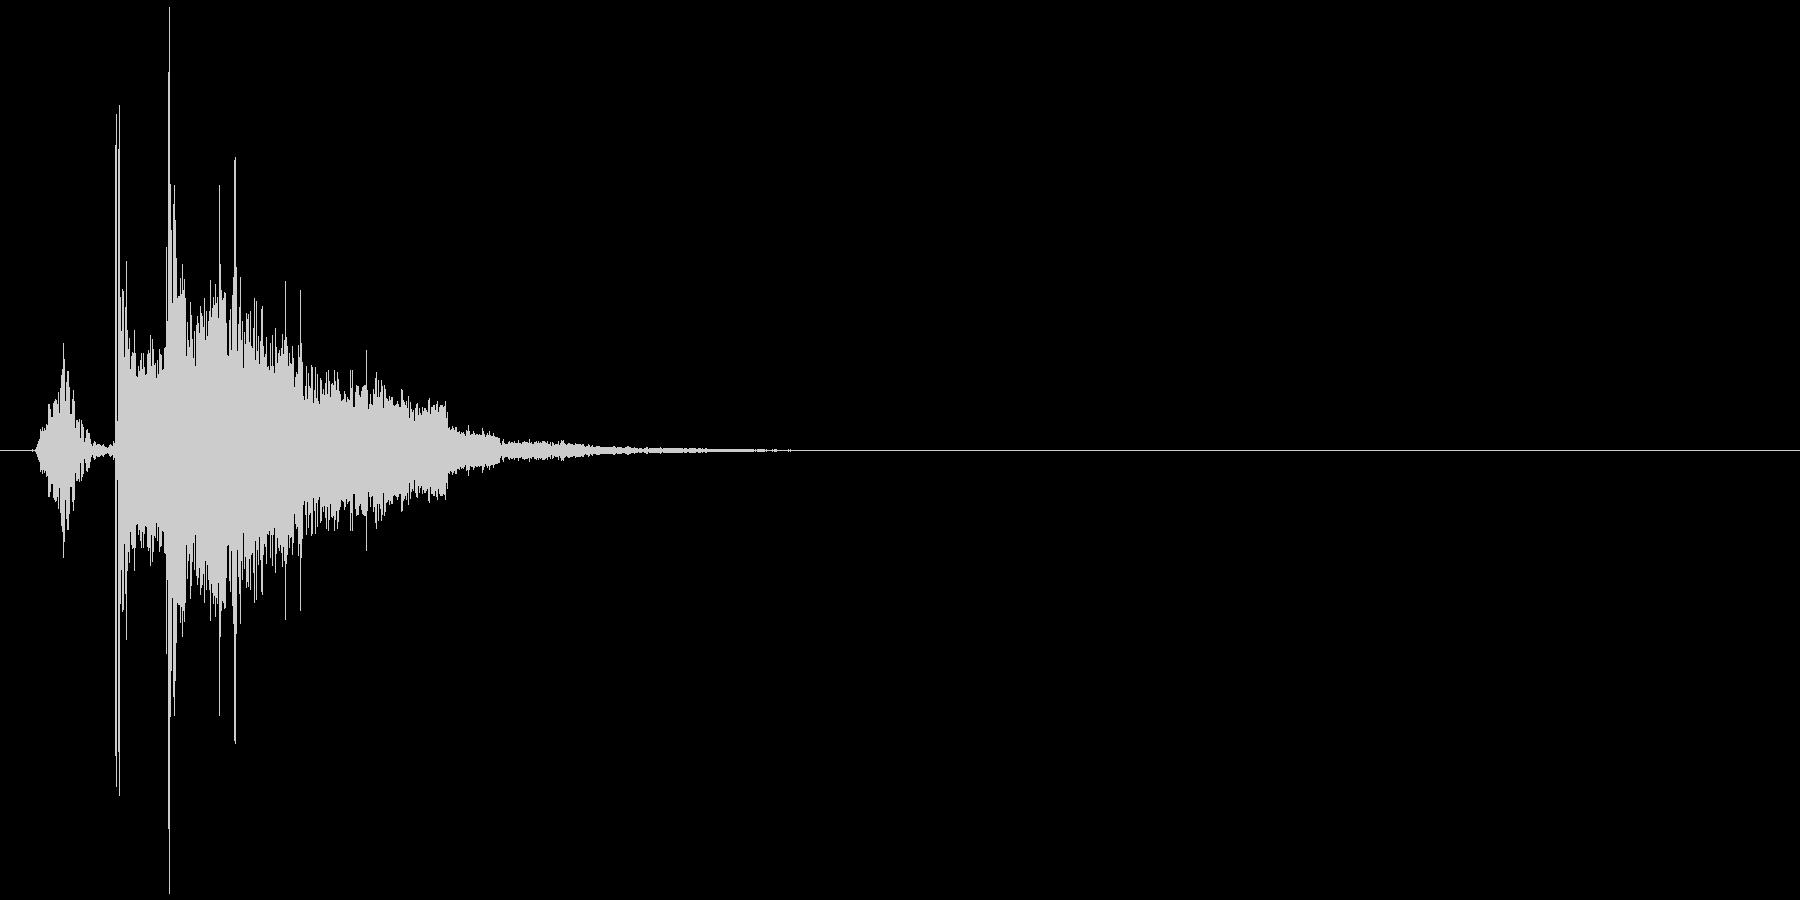 氷の塊を投げるような効果音(音高め)の未再生の波形